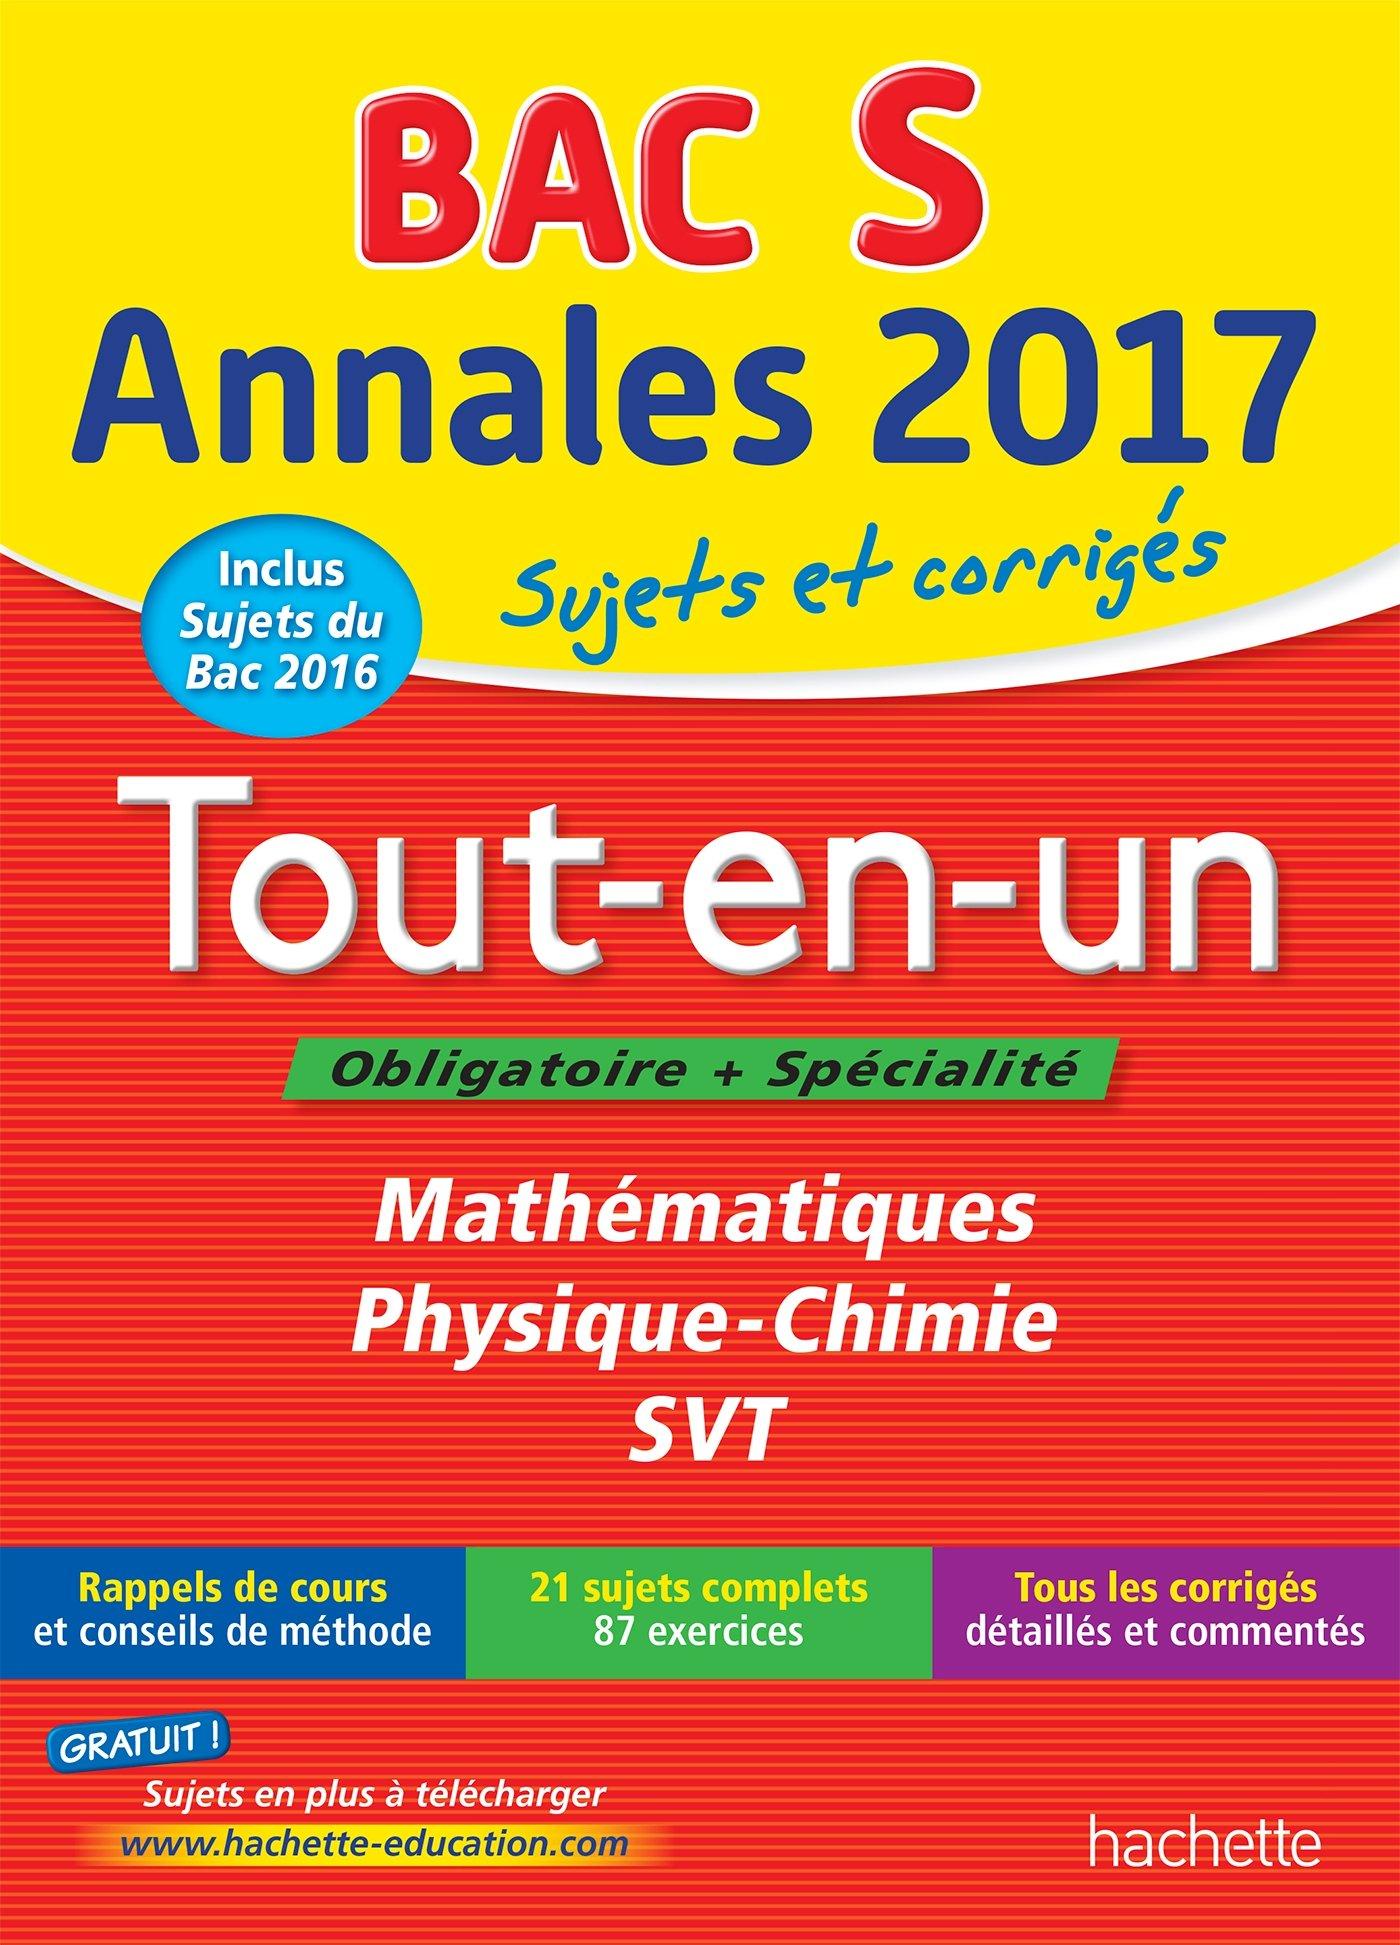 Annales Bac 2017 Le Tout-En-Un Term S Annales du Bac: Amazon.es: Frédérique de La Baume-Elfassi, Patrice Delguel, Sandrine Dubois, Sandrine Bodini-Lefranc, ...